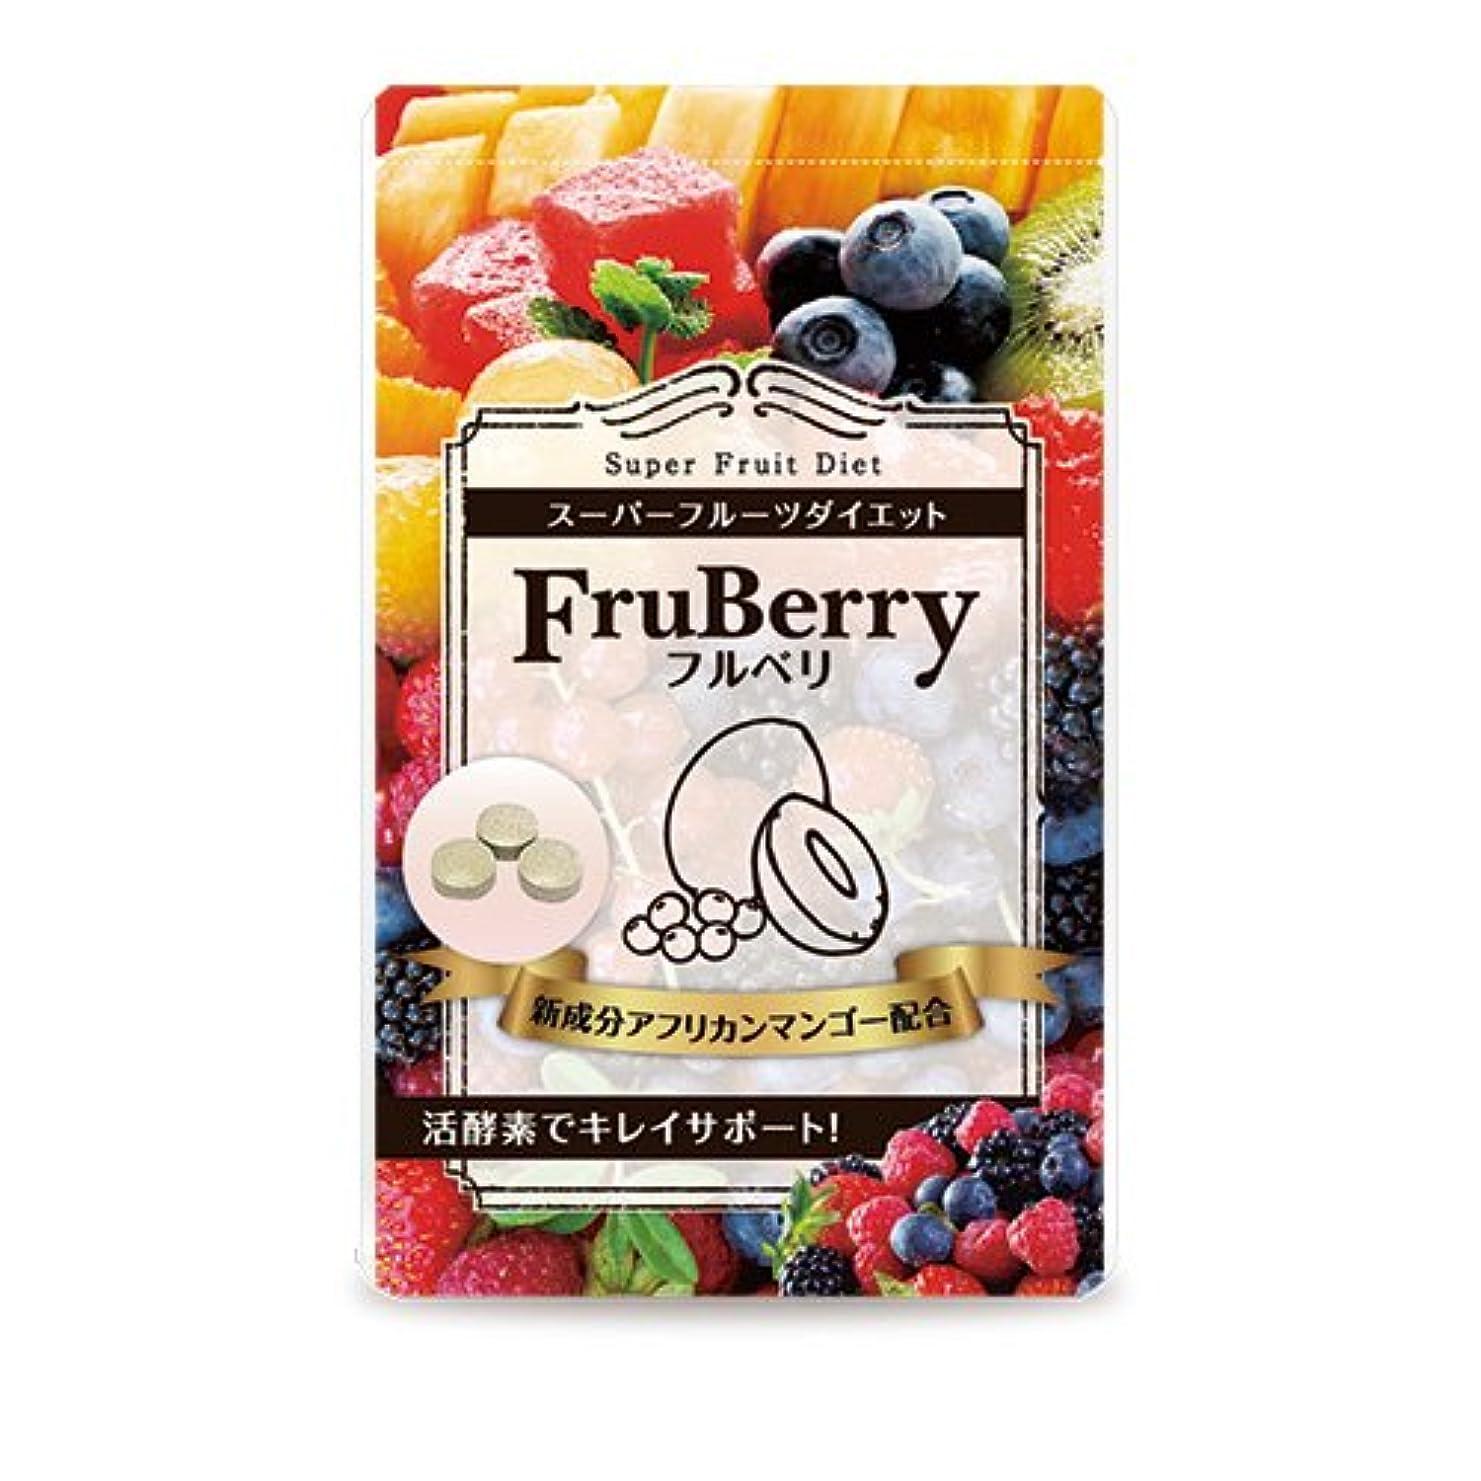 聴覚障害者読書レスリングフルベリ 5袋セット 約150日分 FruBerry アフリカンマンゴー ベリー類 乳酸菌のサプリ 賞味期限間近のため半額